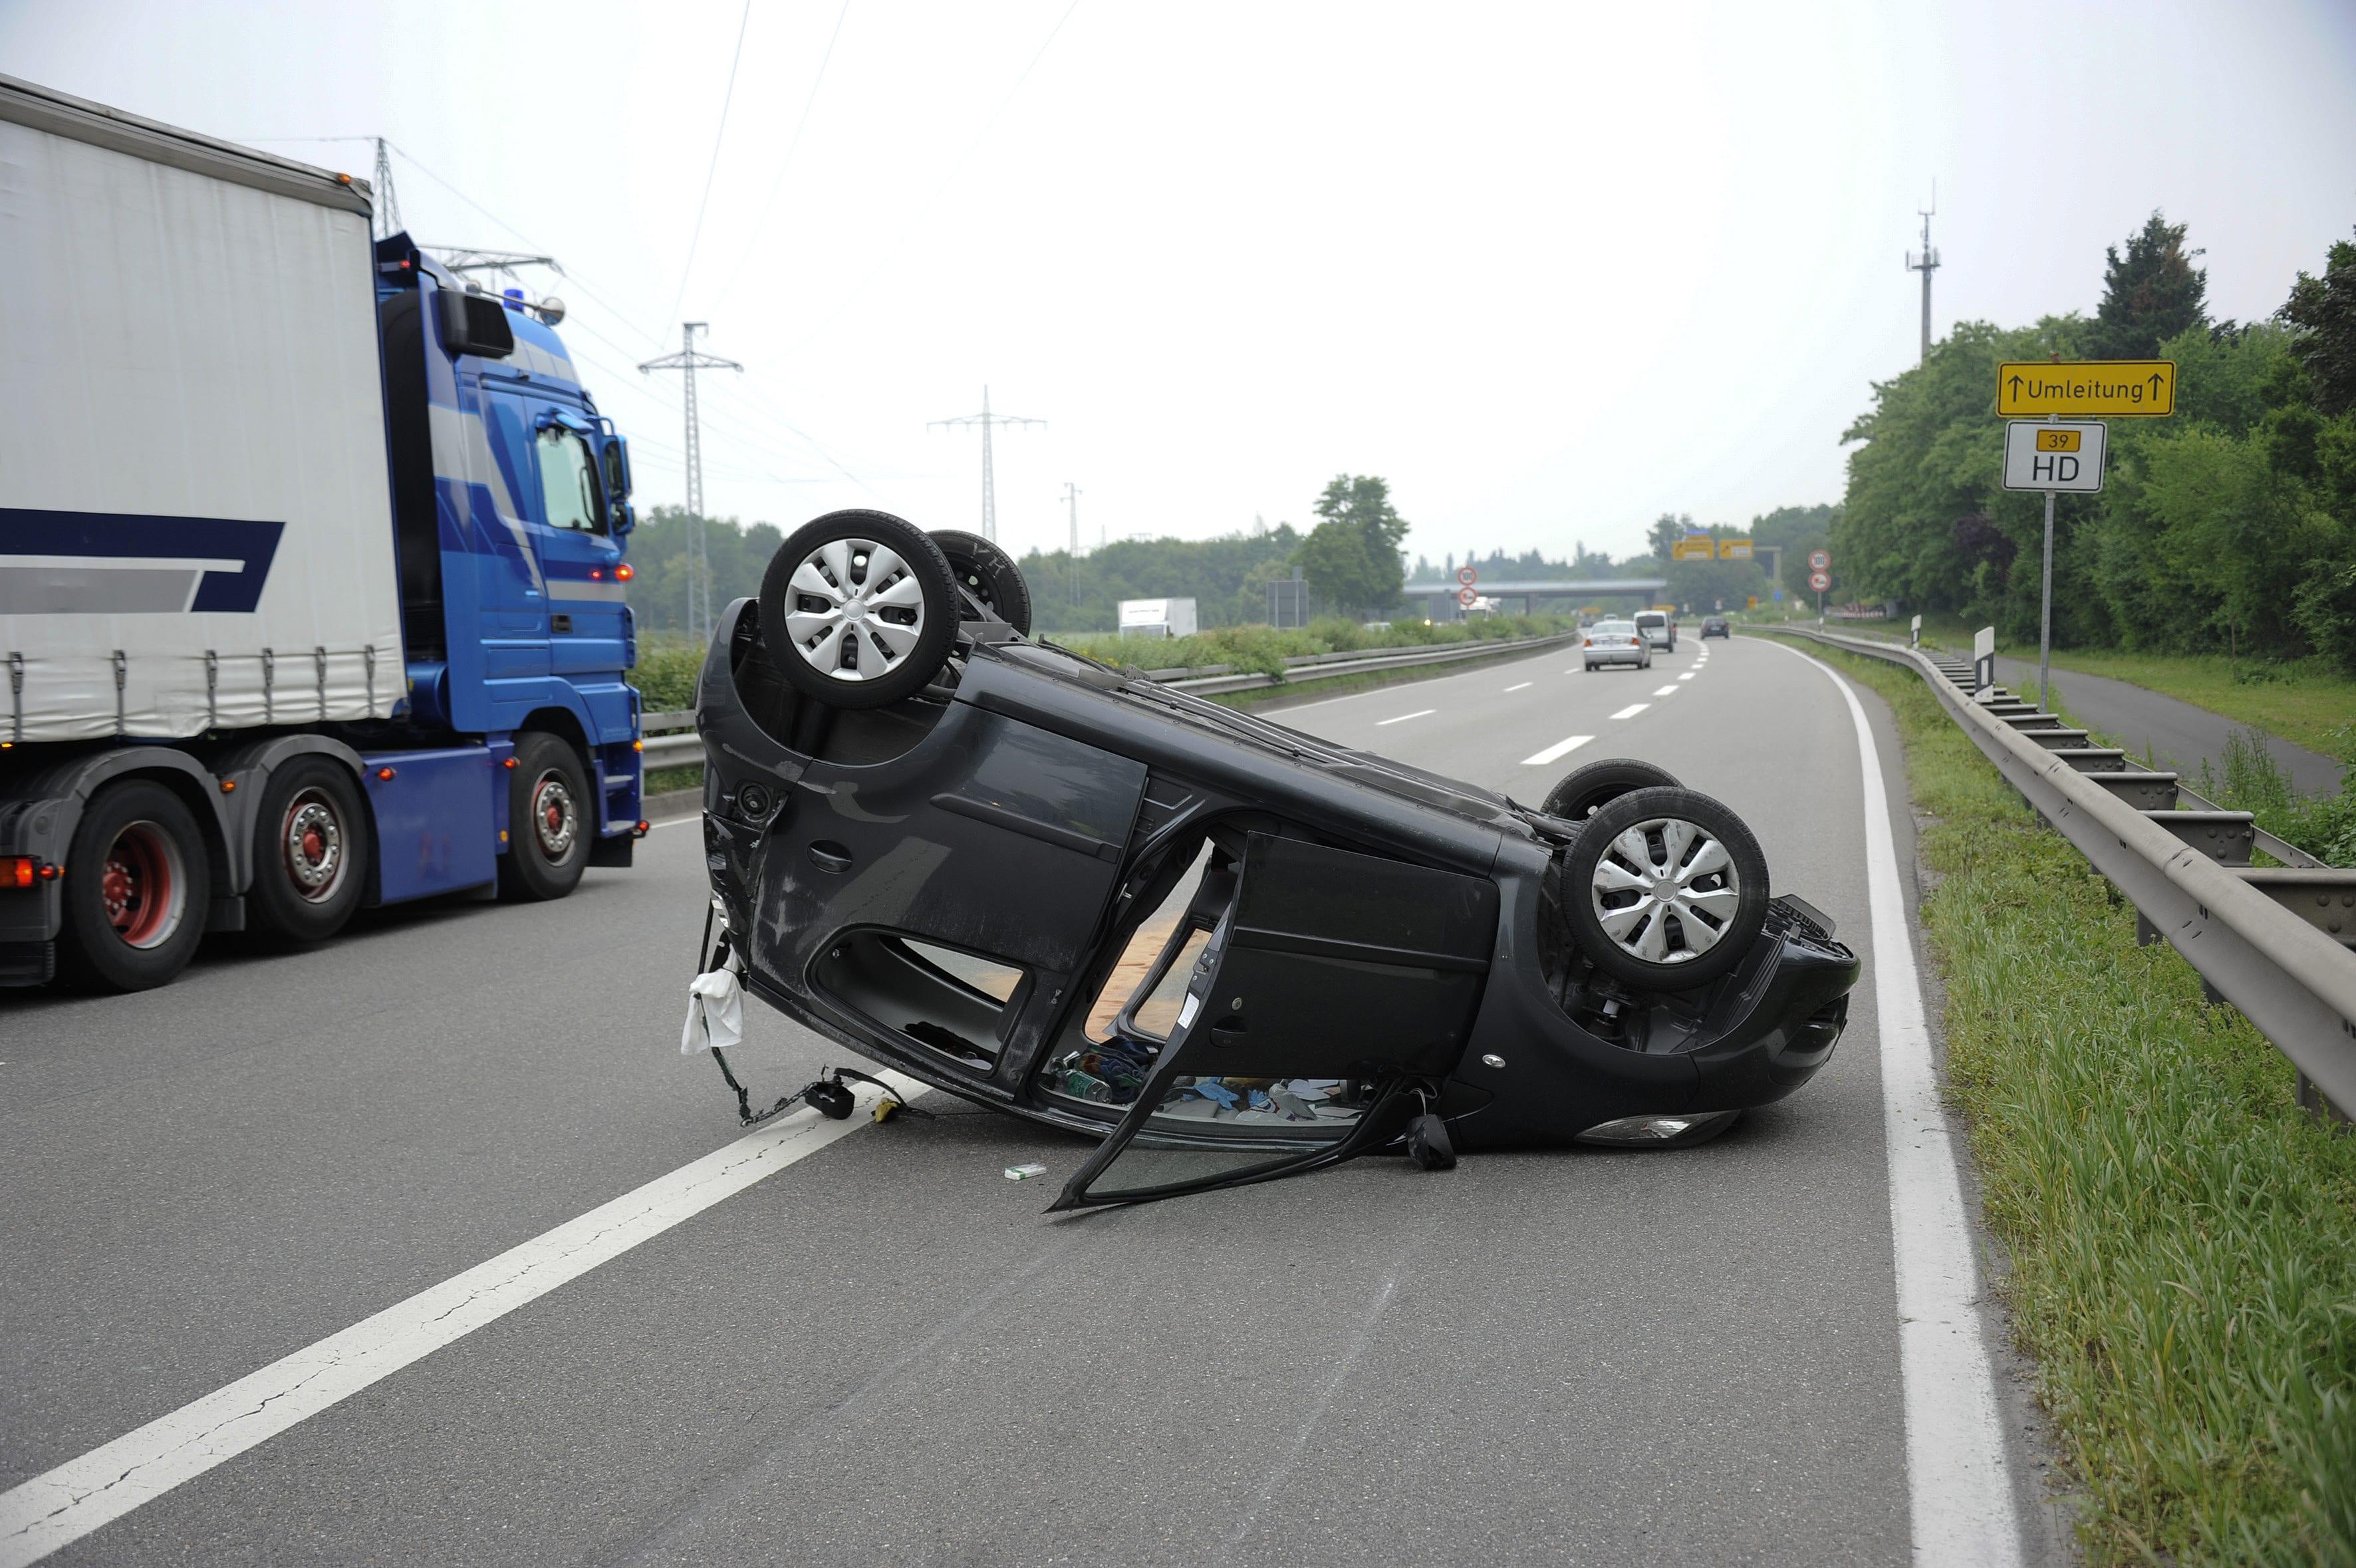 Cada día, accidentes de camiones afectan e incluso cobran las vidas de víctimas inocentes en las carreteras del sur de california. Abogado Accidentes de Camión en Falls Church   Â¡Consulta